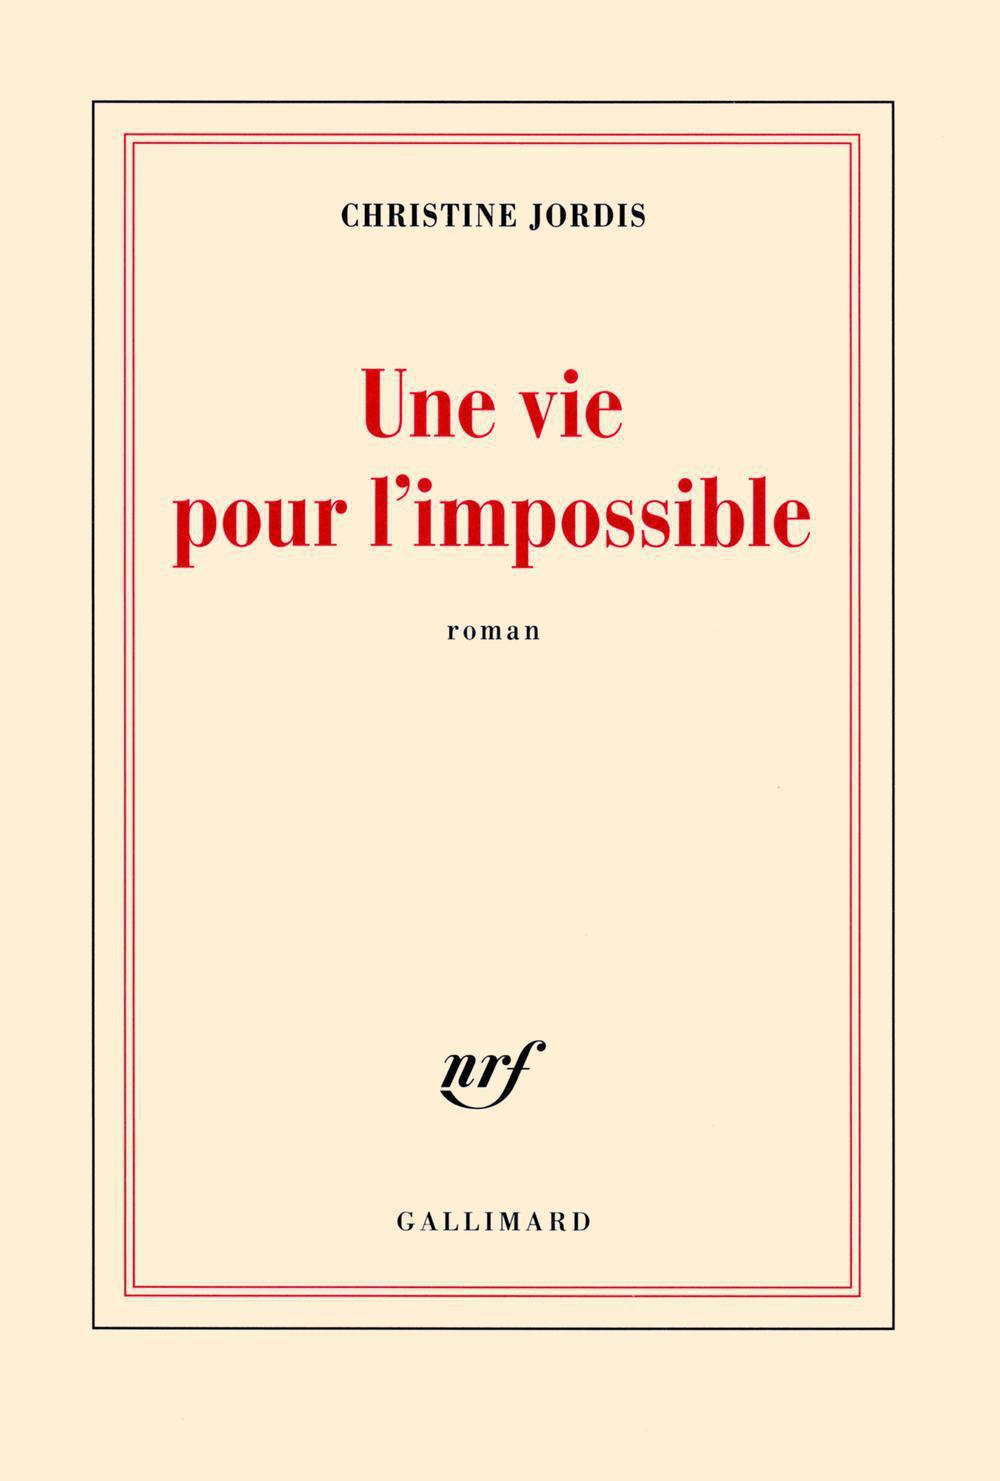 Une vie pour l'impossible